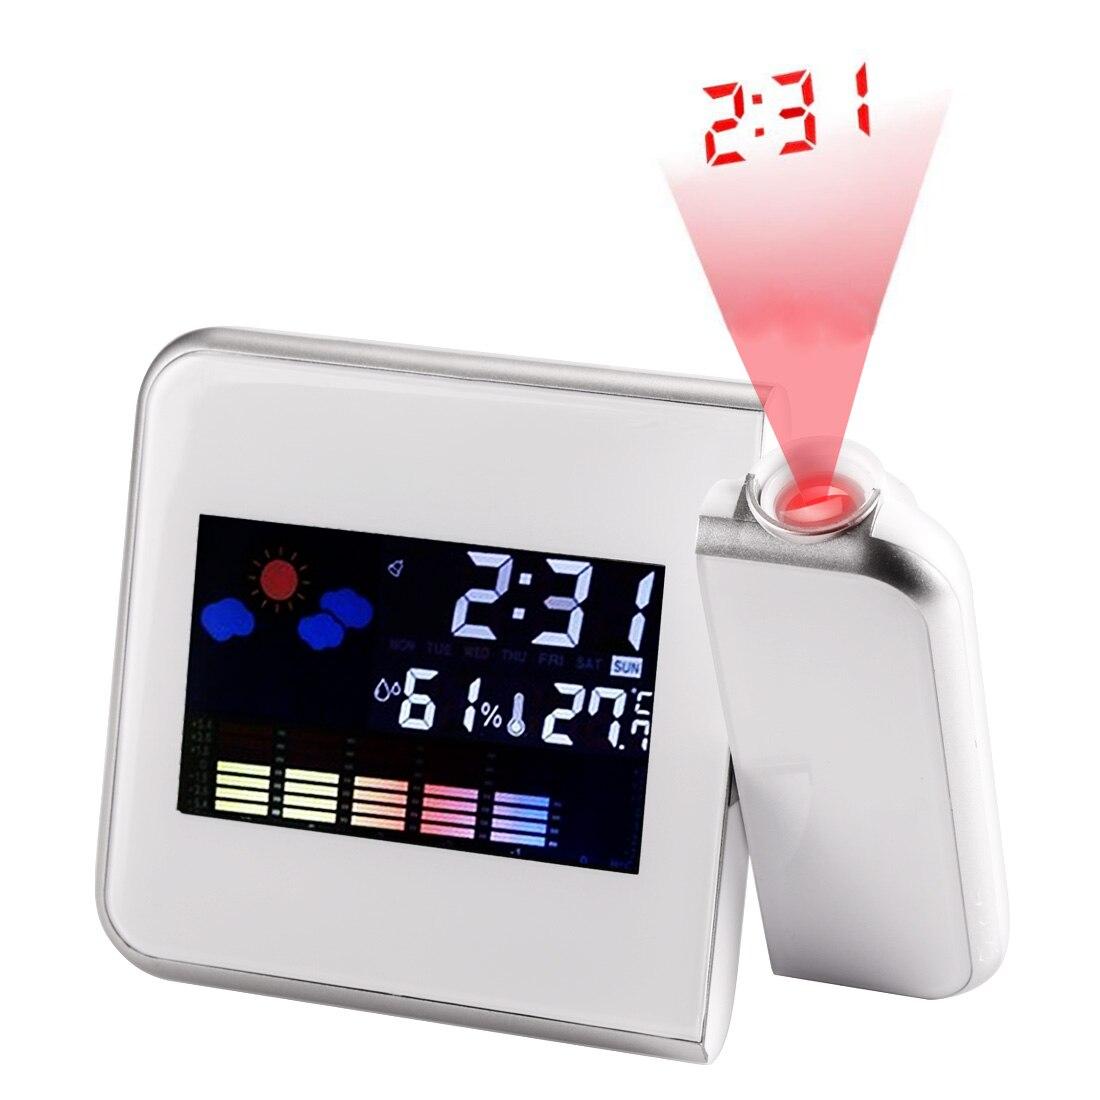 디지털 프로젝션 알람 시계 온도 온도계가있는 기상 관측소 습도 습도계/침대 옆 깨우기 프로젝터 시계